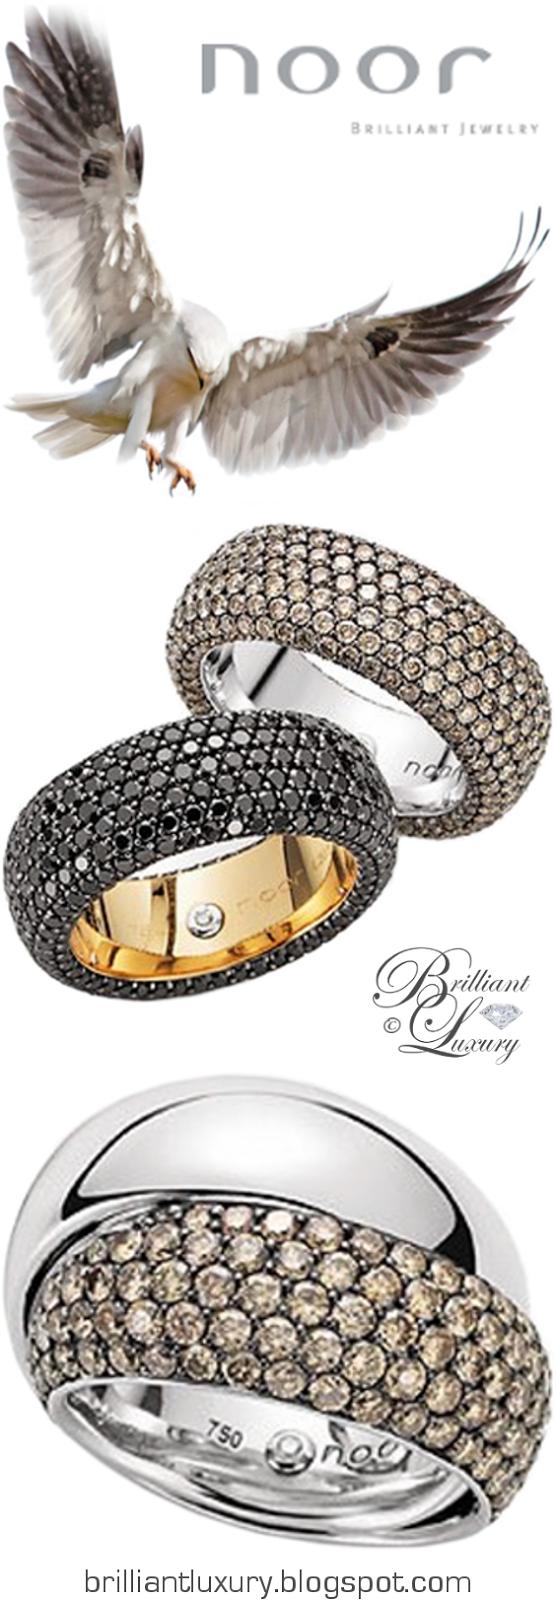 Brilliant Luxury ♦ noor jewelry